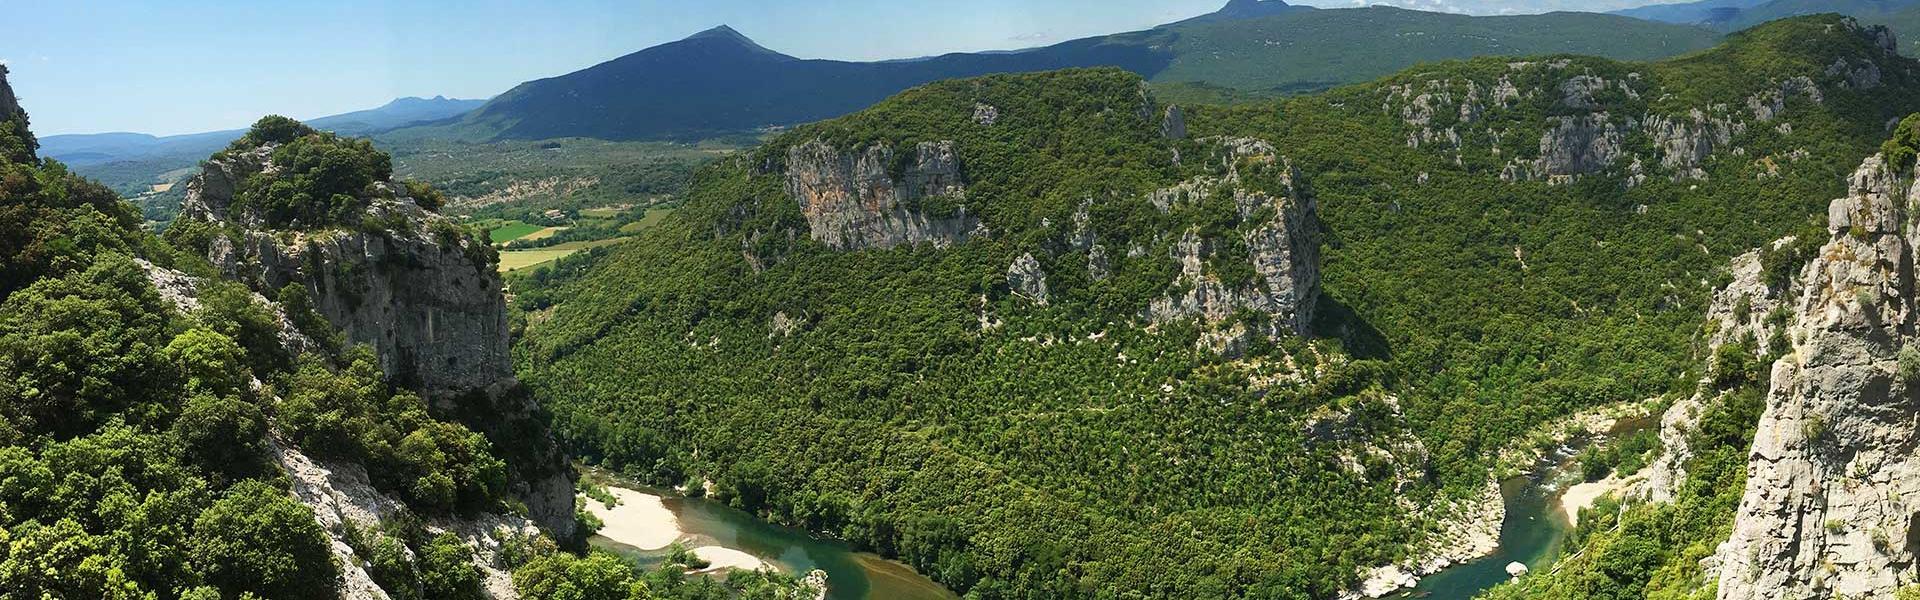 Les gorges de l'Hérault - Falaises du Thaurac